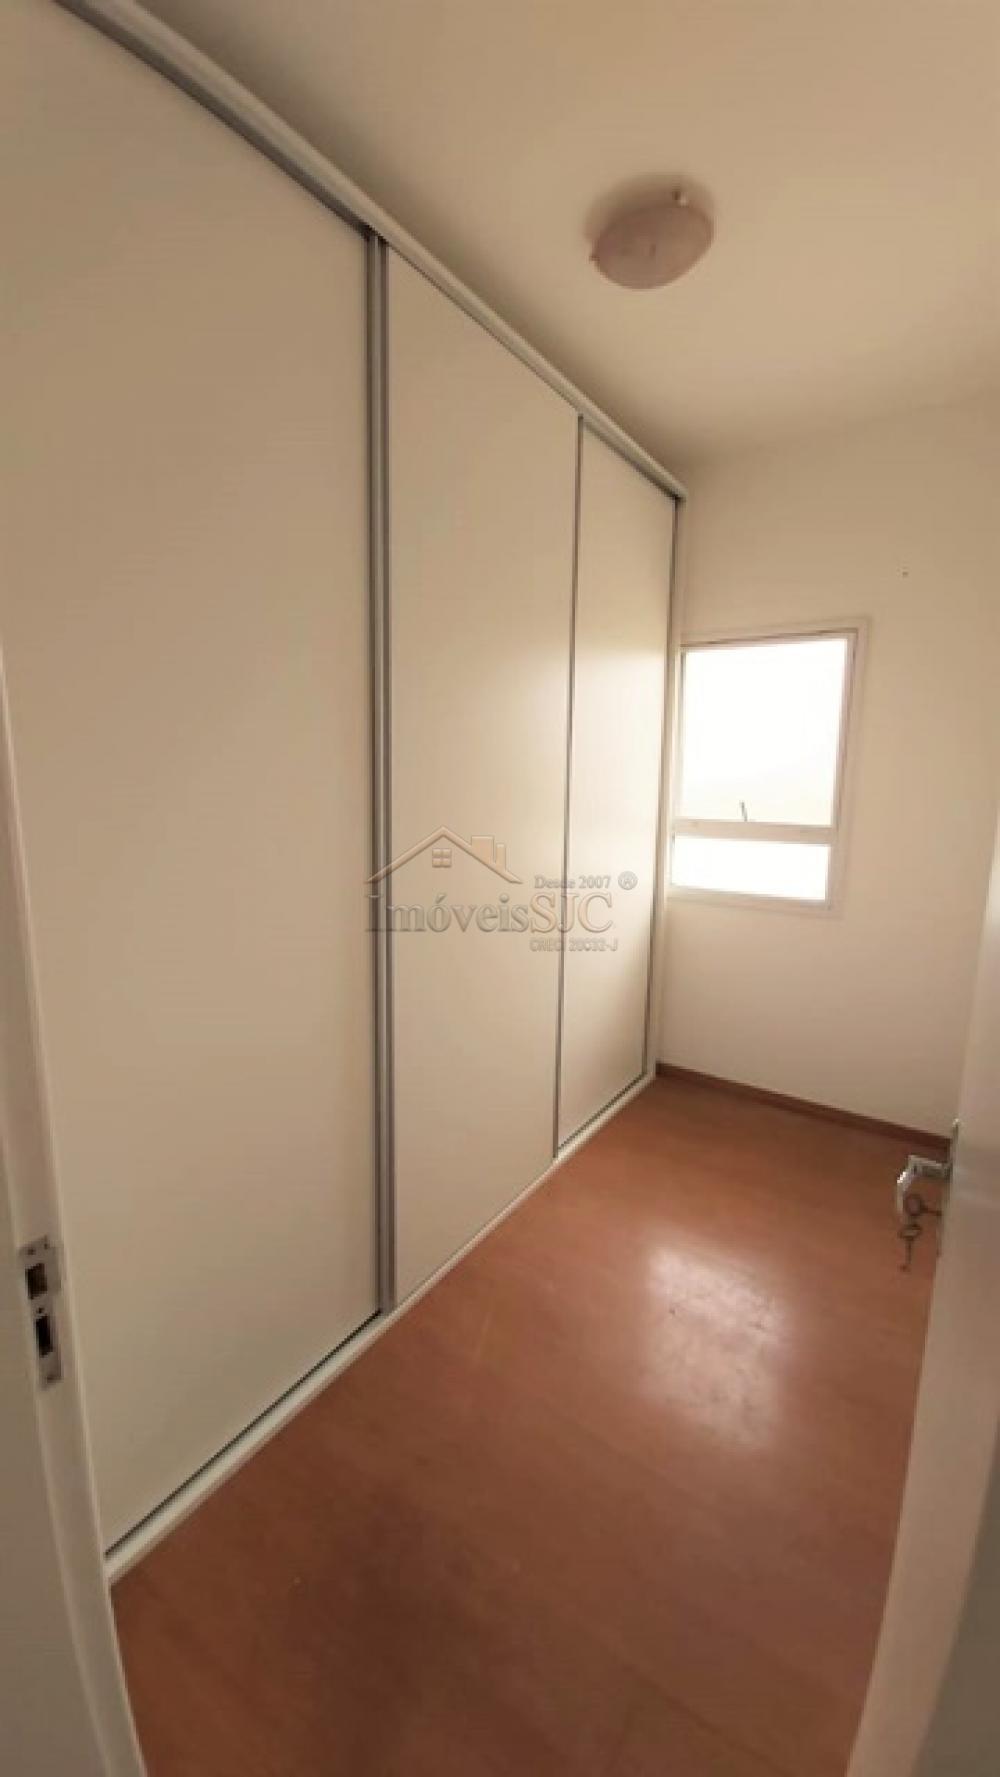 Alugar Casas / Condomínio em São José dos Campos apenas R$ 3.900,00 - Foto 19